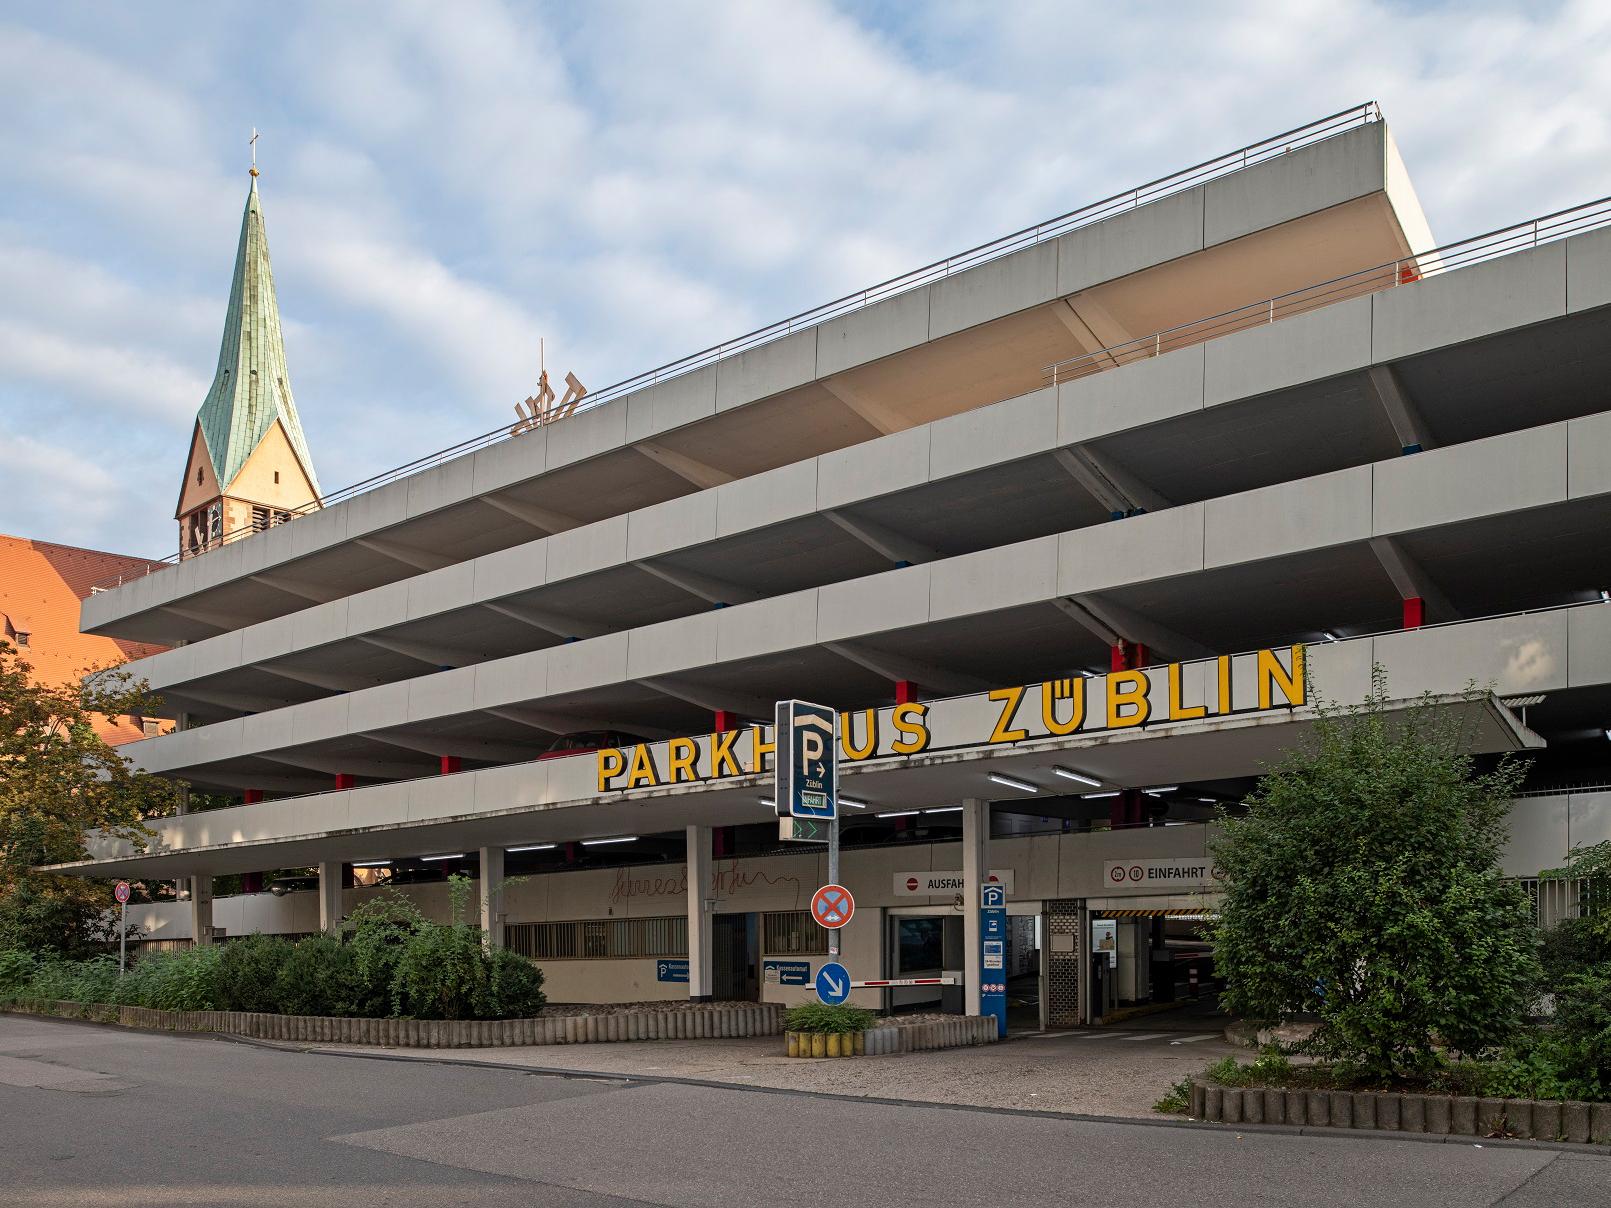 Das Züblin-Parkhaus in der Stuttgarter Leonhardsvorstadt. Hier könnte ein ganz neuer und vielfältig genutzter Stadtbaustein entstehen. (Bild: IBA'27 / Niels Schubert)